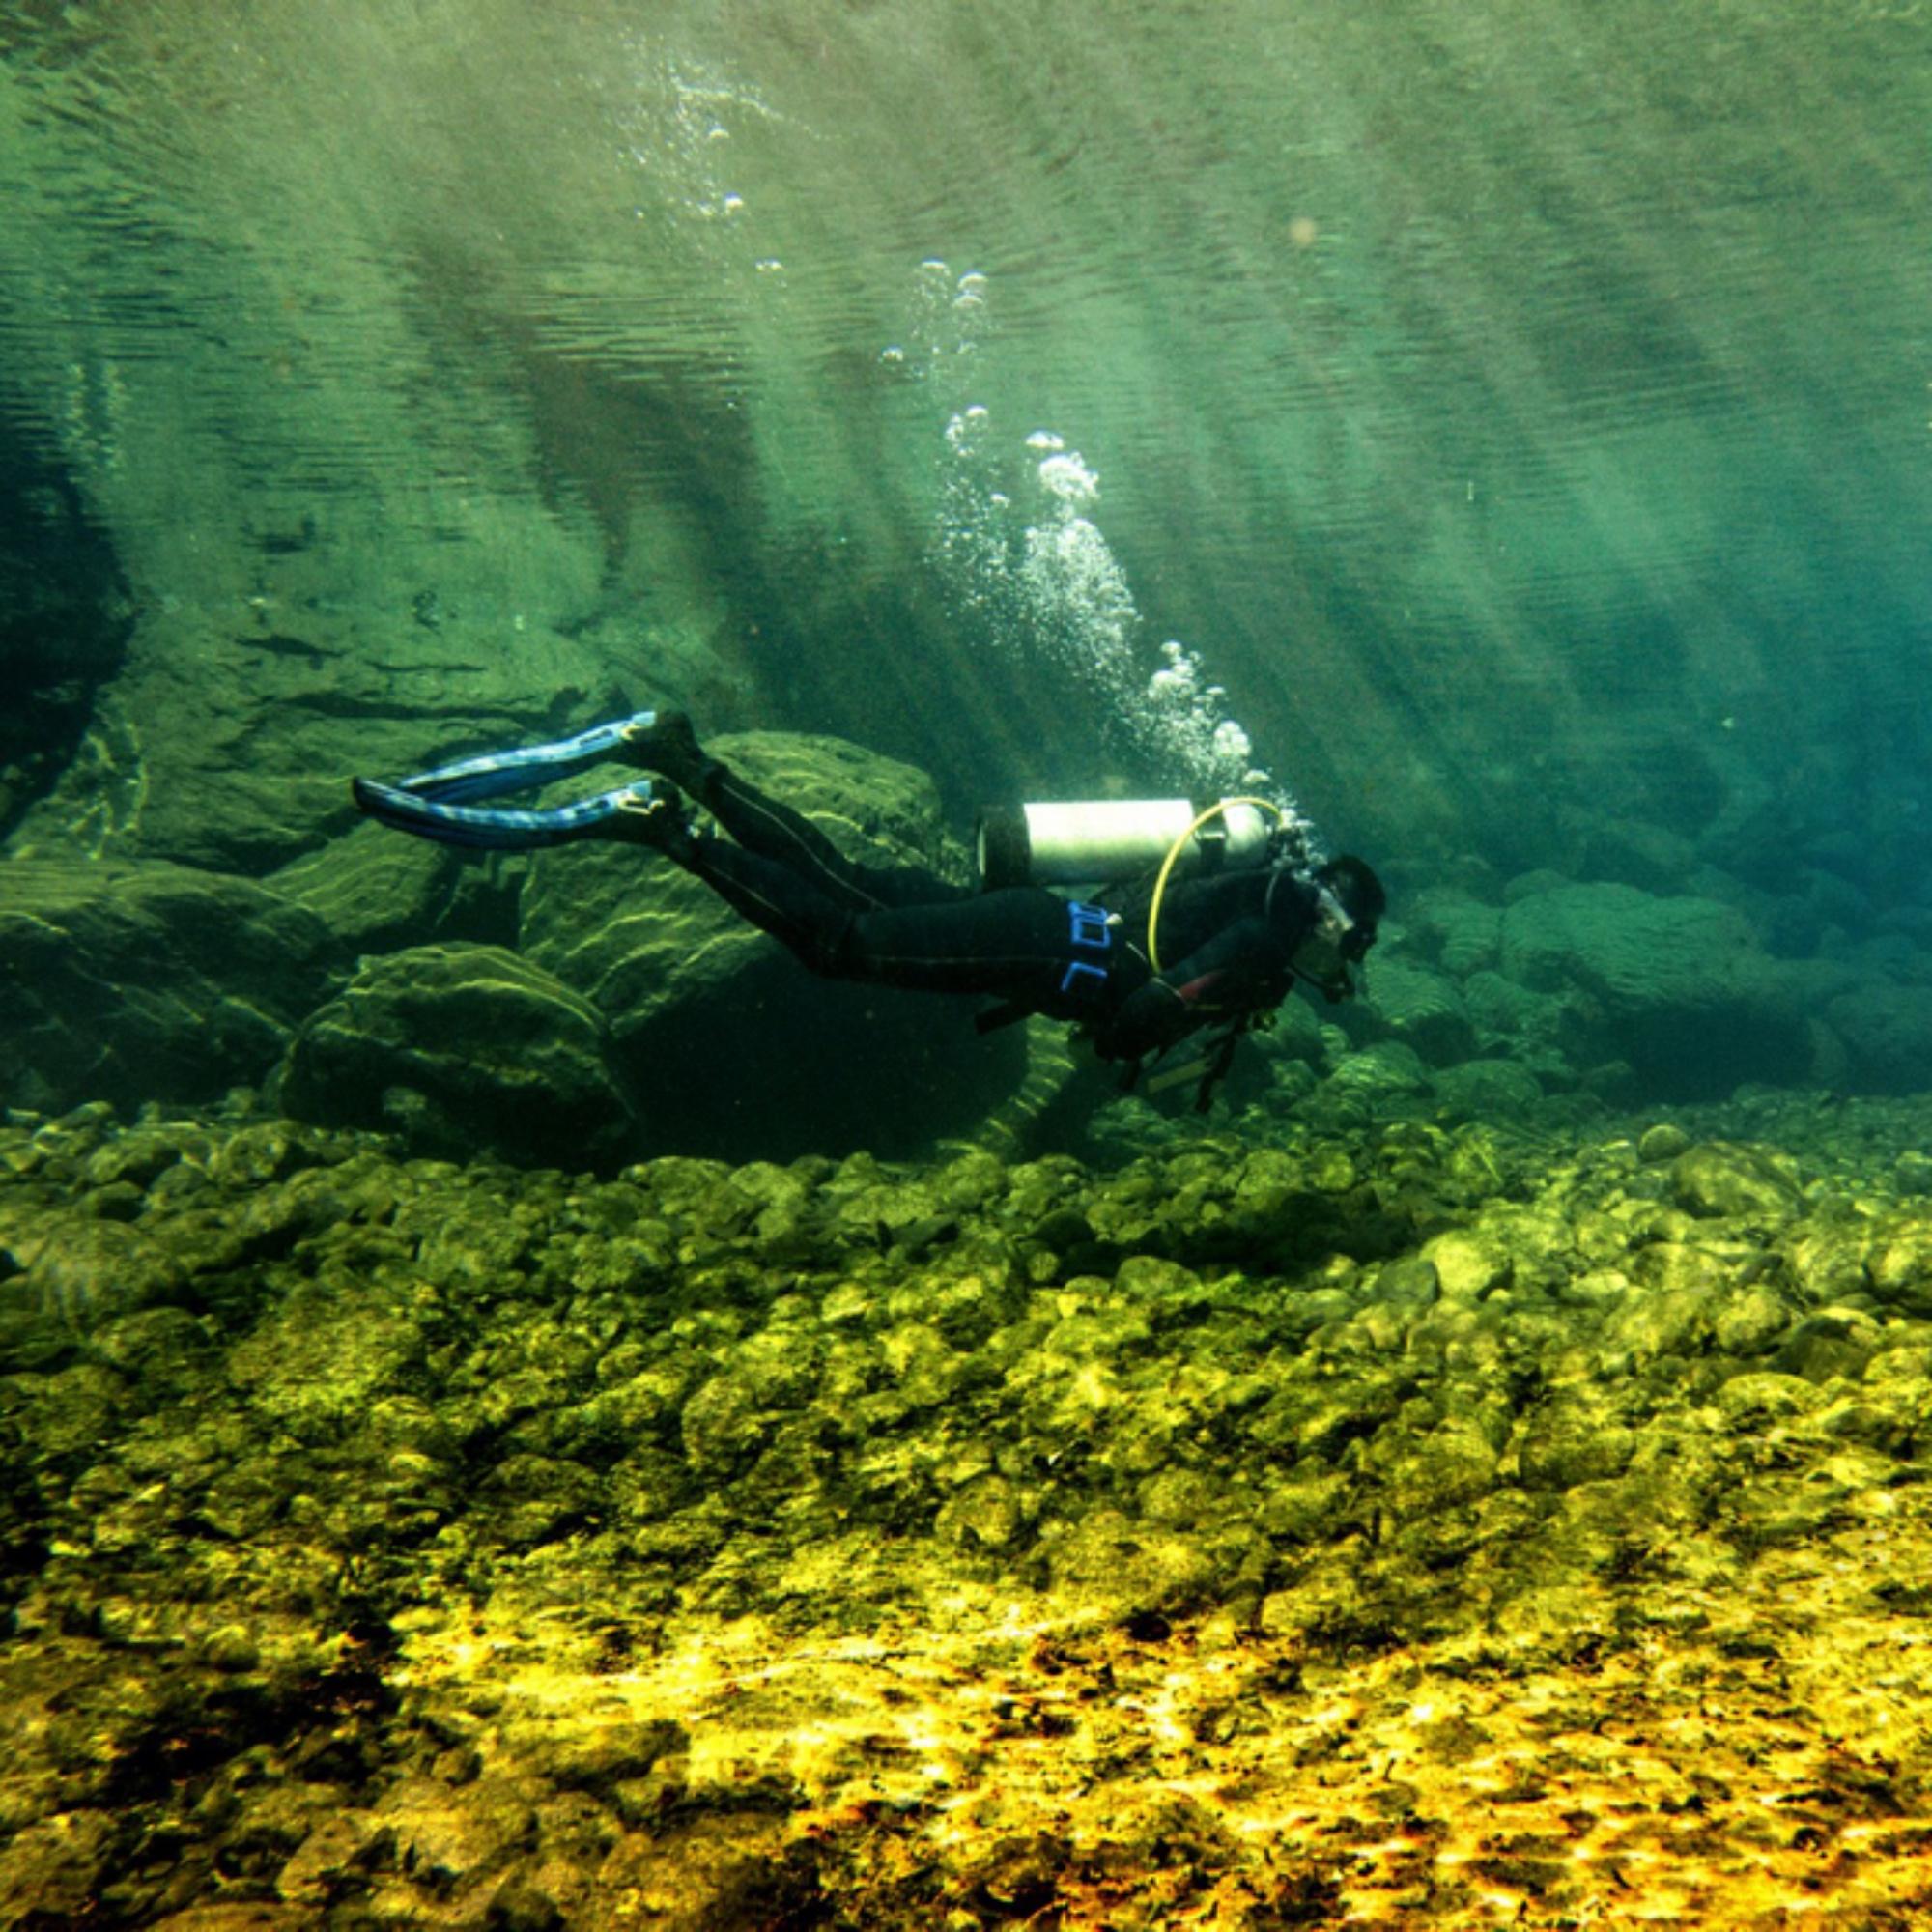 在为数不多的大峡谷森林潜水是一种怎样的体验